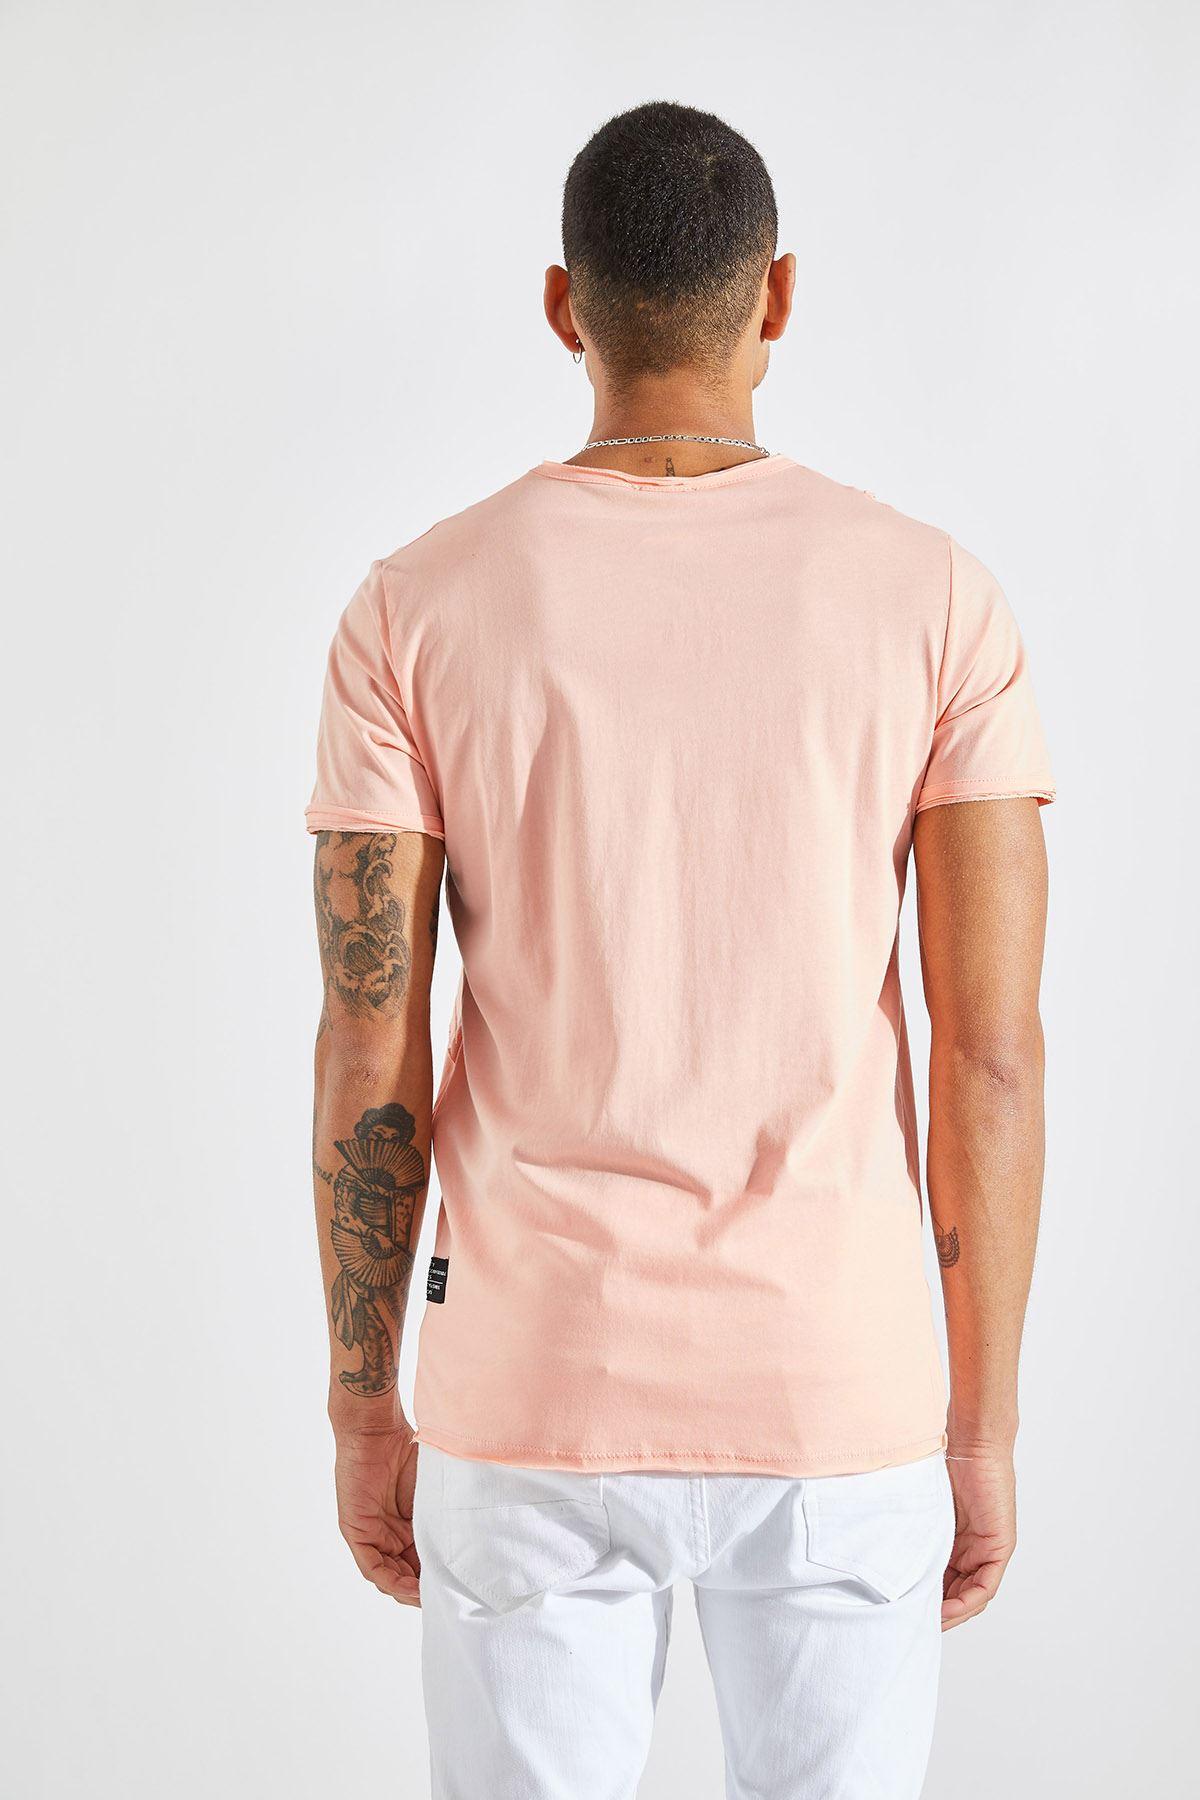 Erkek Omuz Parçalı Somon Tişört